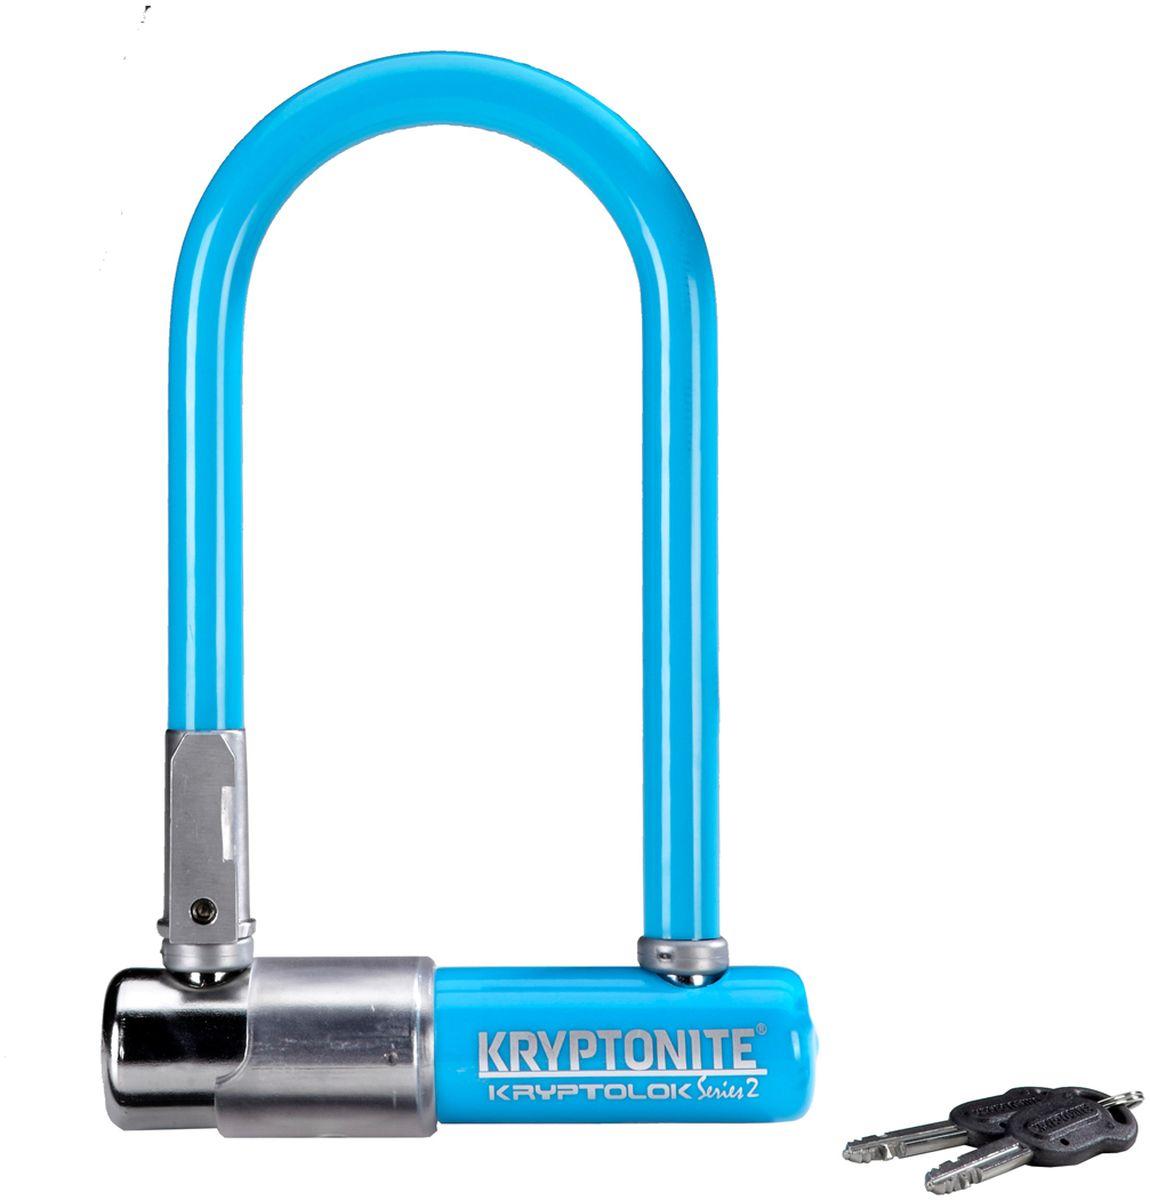 Замок велосипедный Kryptonite U-locks KryptoLok Series 2 Mini-7, цвет: синий0720018001560Велозамок Kryptonite Kryptolok series 2 Mini-7 — компактный размер, надёжность и яркая цветовая гамма. Уникальный набор ключей, 13-ти миллиметровая дужка и двойная конструкция засова гарантированно не поддадутся кусачкам и взлому. Благодаря своим габаритам, u-lock легко возить с собой в сумке или за ремнем. - 13 мм закаленная стальная скоба - Система Transit Flex Frame-U для крепления к раме байка - Виниловое покрытие, не оставляющее царапин на раме - Защита от стука и шума - Защита от пыли и влаги - В комплекте идет 2 ключа - Программа Key Safe (возможность заказа нового ключа) - Silver Sold Secure (классификация надежности замков в Европе) - Уровень защиты 6 из 10 Диаметр дуги замка: 13 мм Размеры замка: 8,2 х 17 см Вес модели: 1,11 кг.